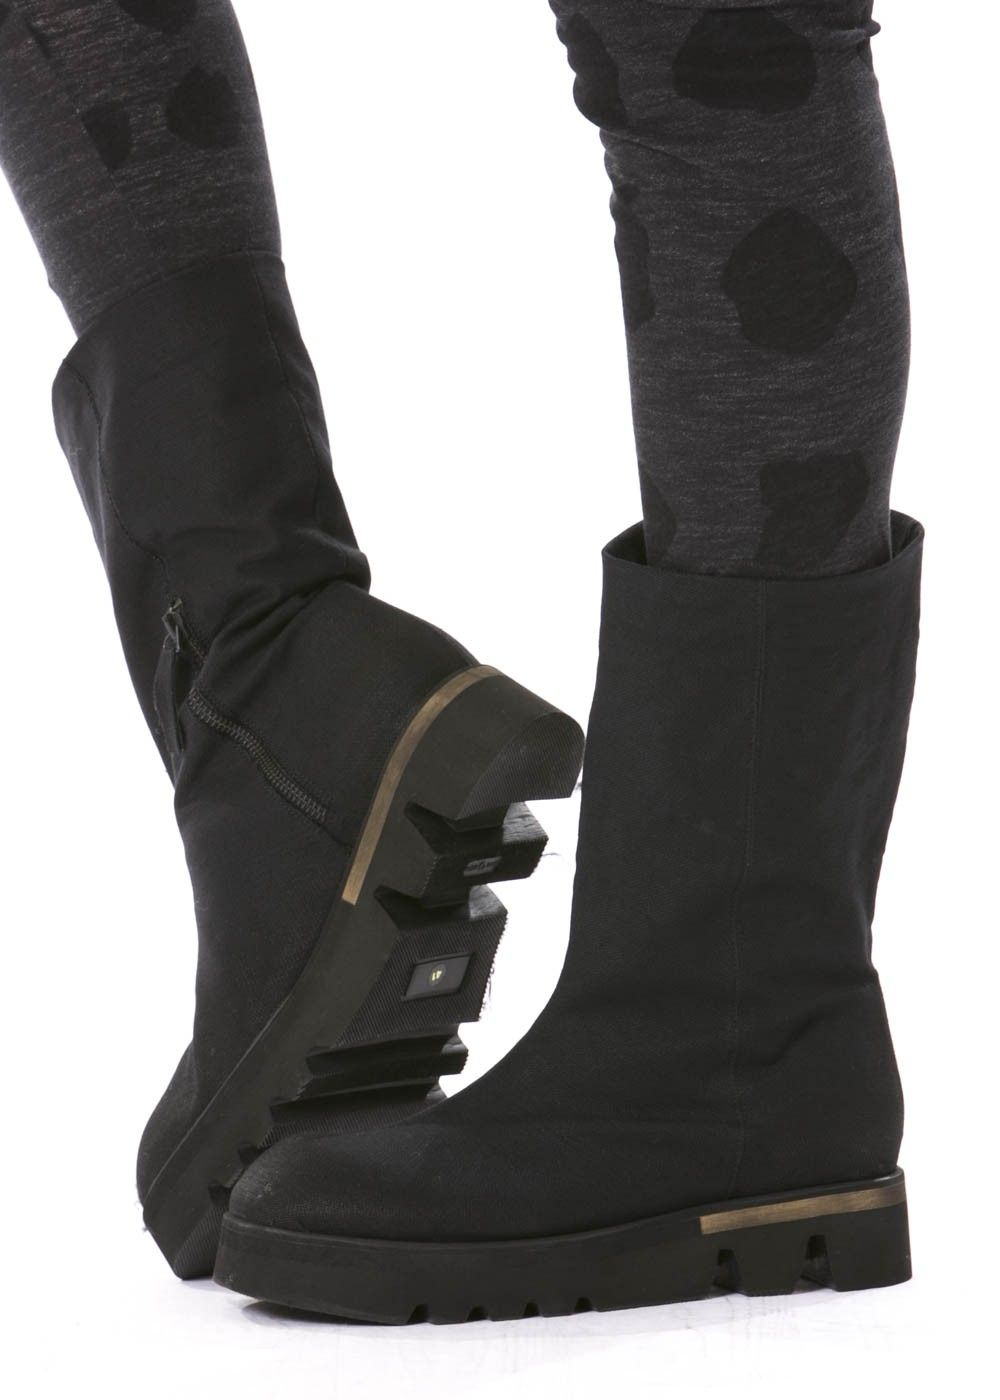 1298f0f1a858a3 Stiefel von RUNDHOLZ Black Label - dagmarfischermode.de